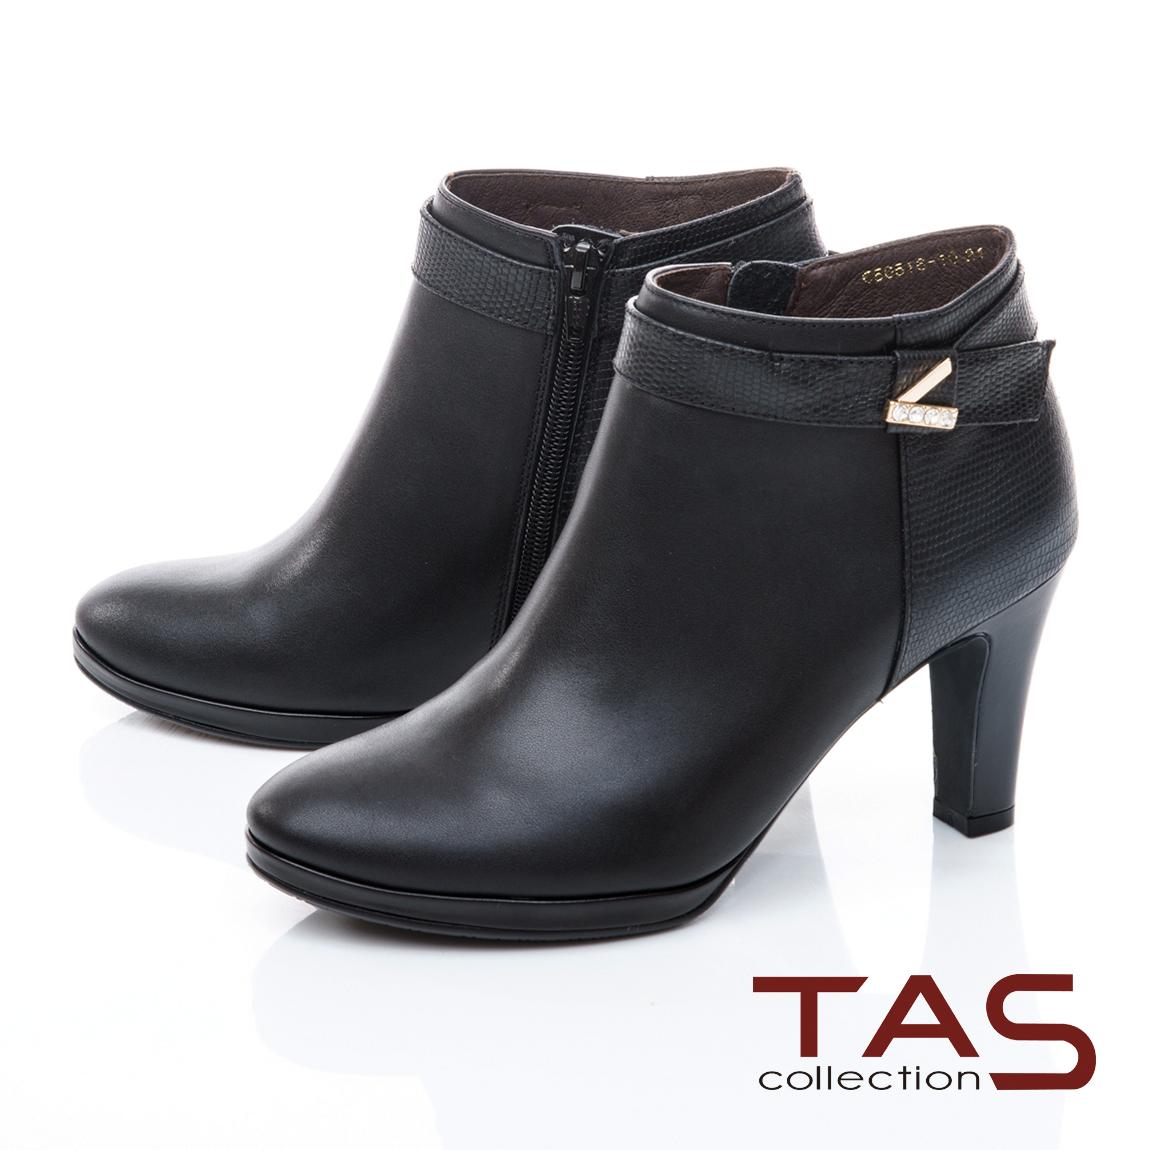 TAS牛皮拼接皮帶扣高跟踝靴-經典黑